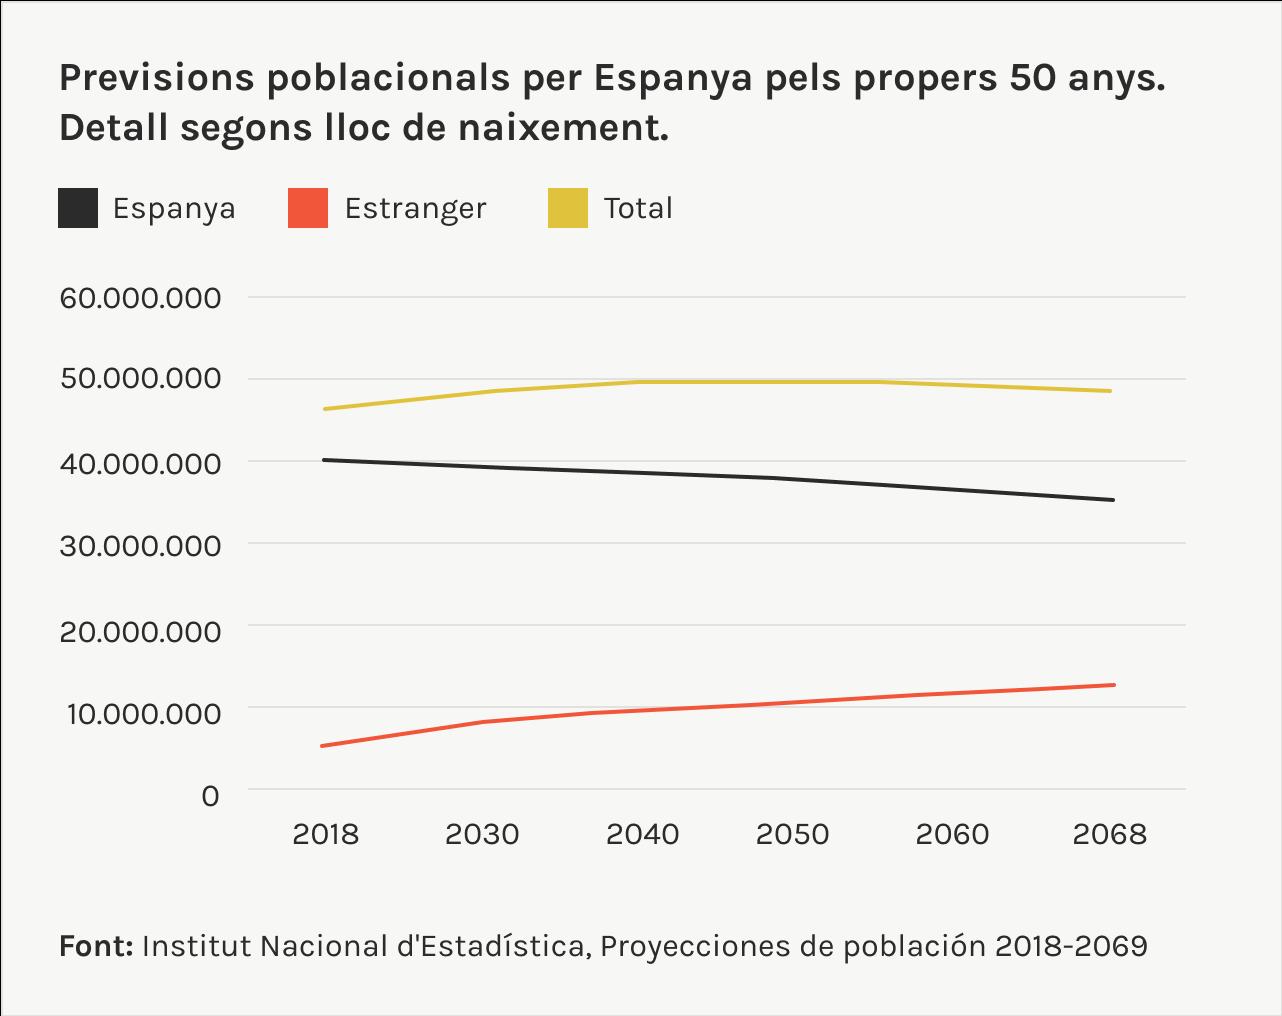 previsions poblacionals per Espanya